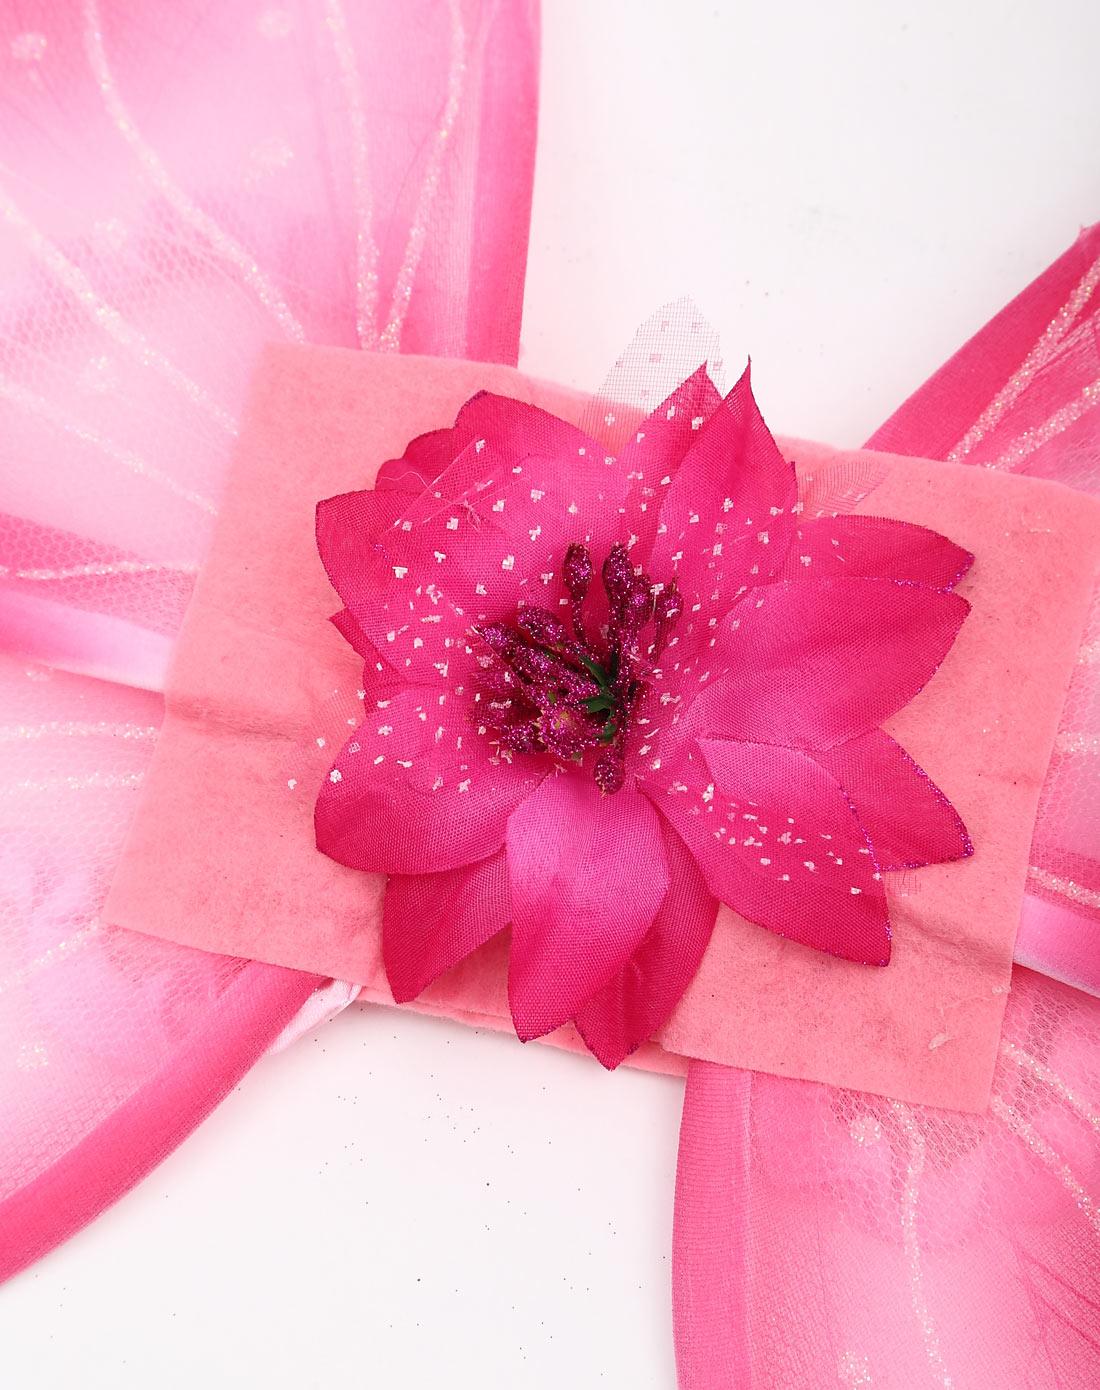 哈尚hearth song美國經典設計嬰童服飾和玩具專場粉色